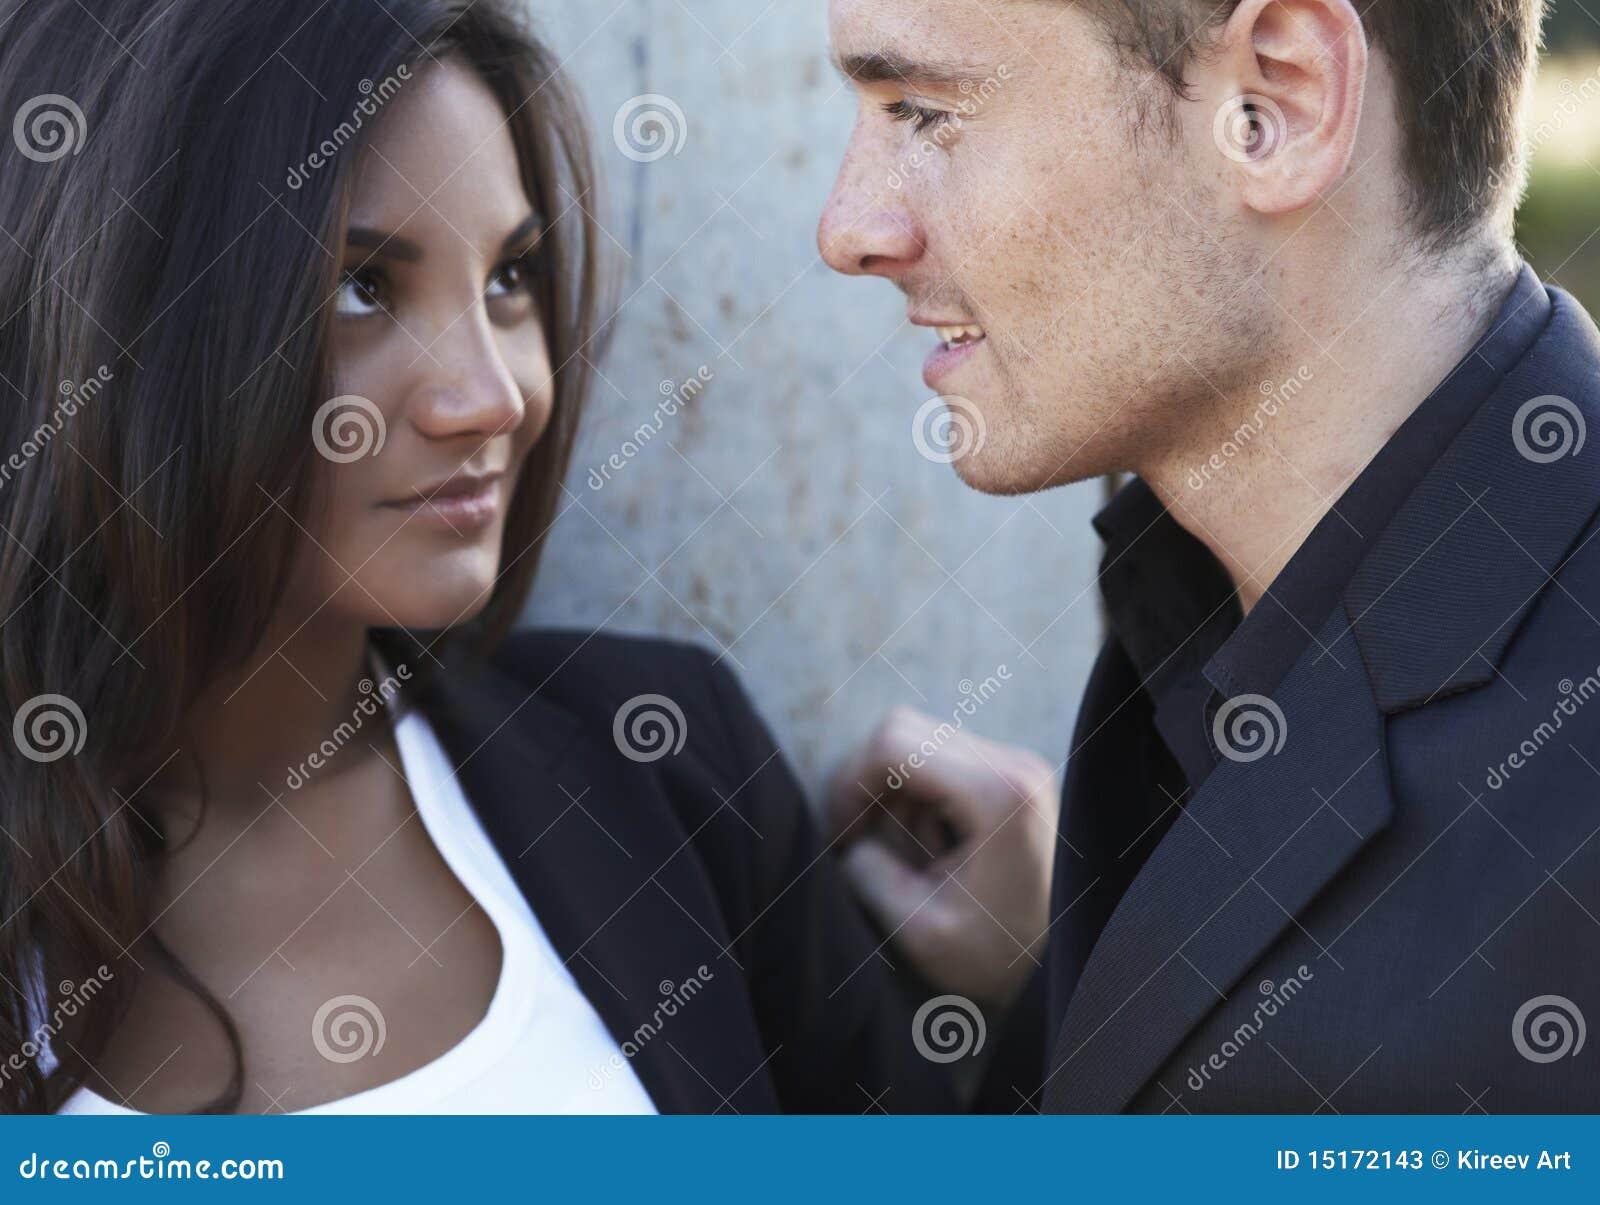 接近的夫妇喜爱微笑年轻人图片